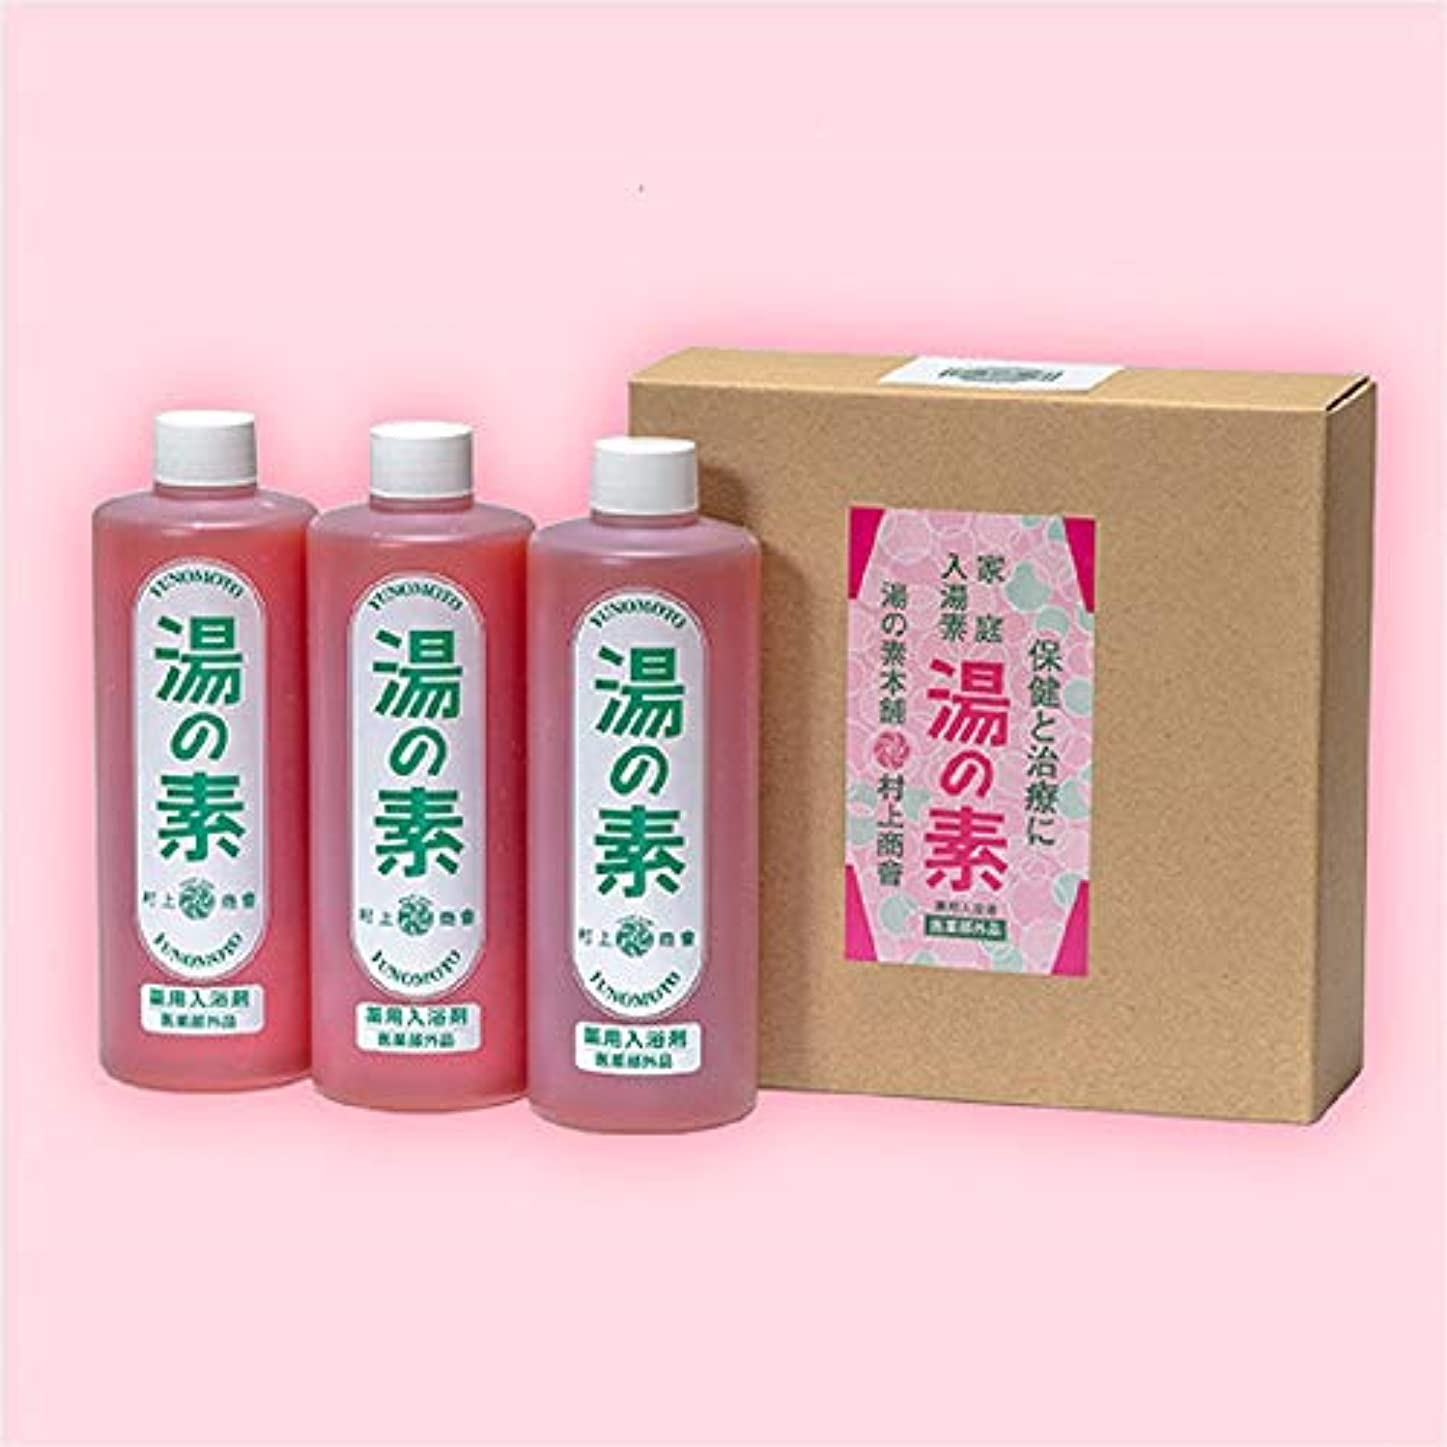 ワーカーアクチュエータ商品薬用入浴剤 湯の素 [医薬部外品] 490g(約50回分) 3本セット